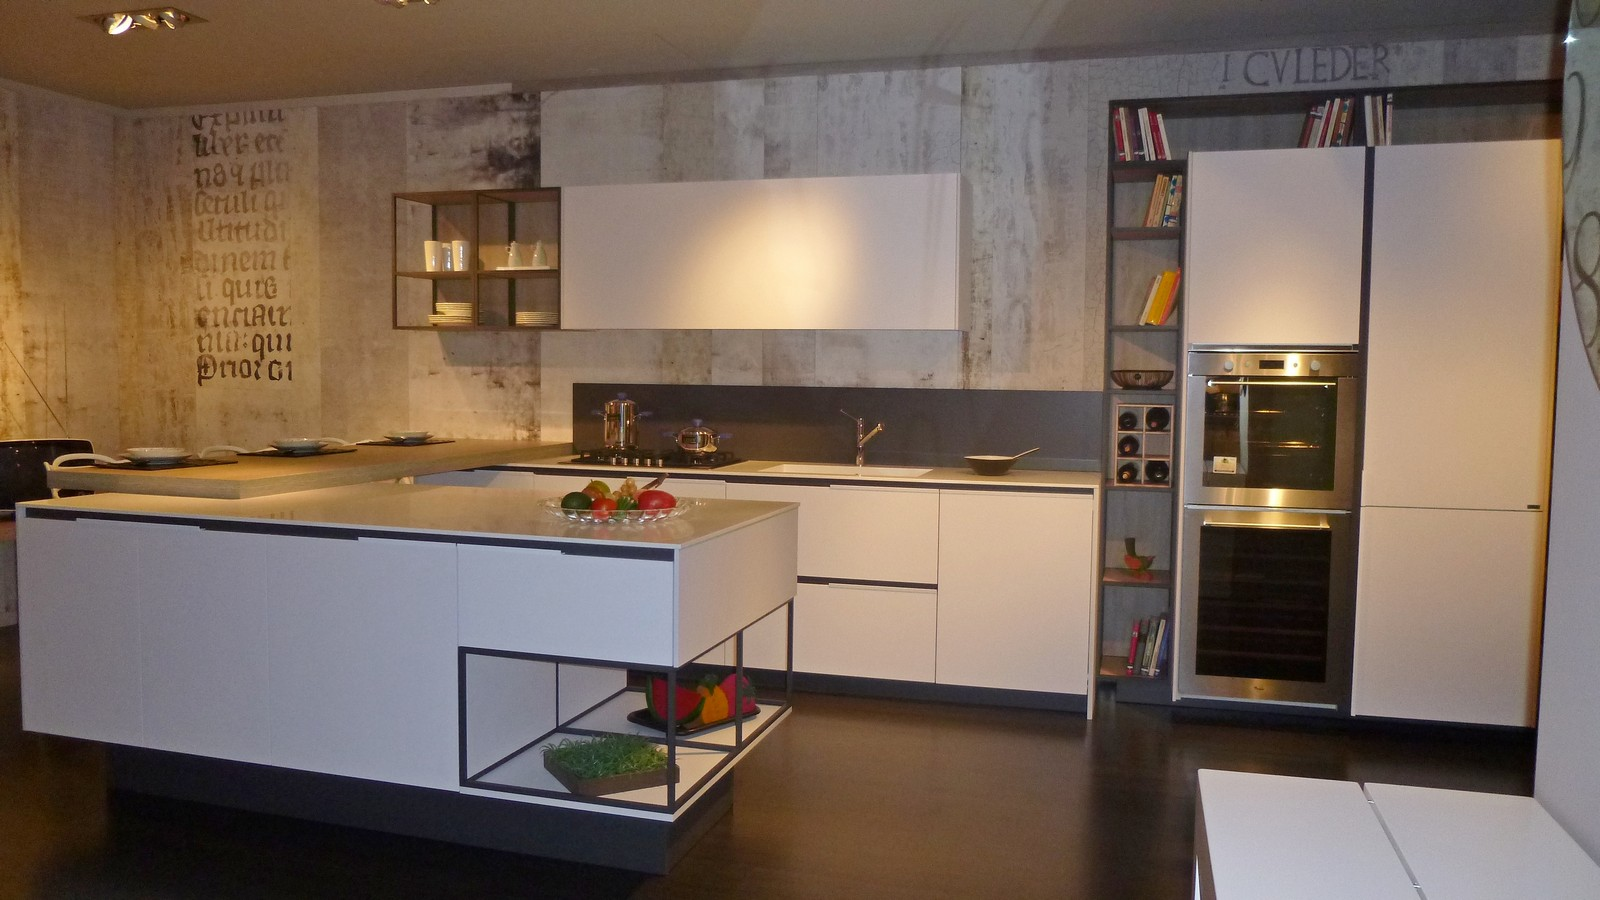 Cucine snaidero bergamo carminati e sonzogni - Foto di cucine ...